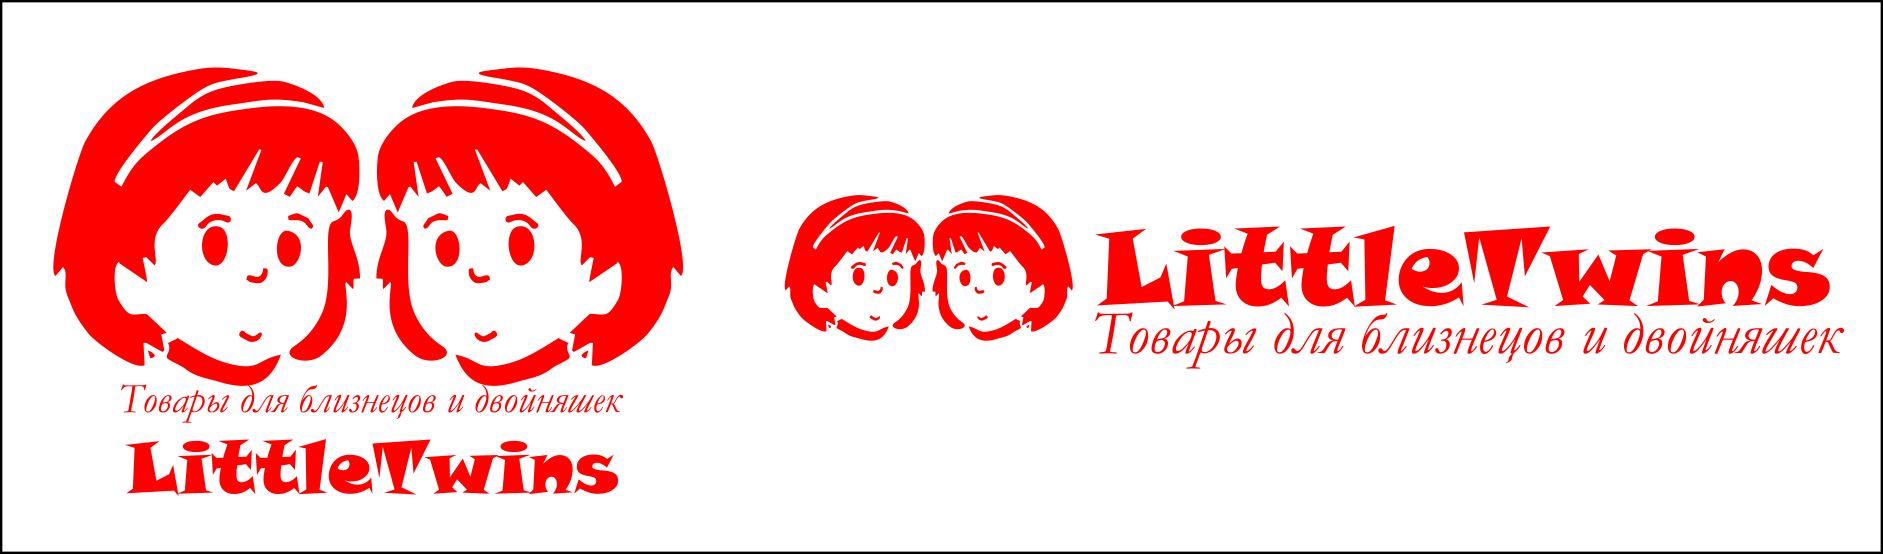 Логотип детского интернет-магазина для двойняшек - дизайнер serg13-02